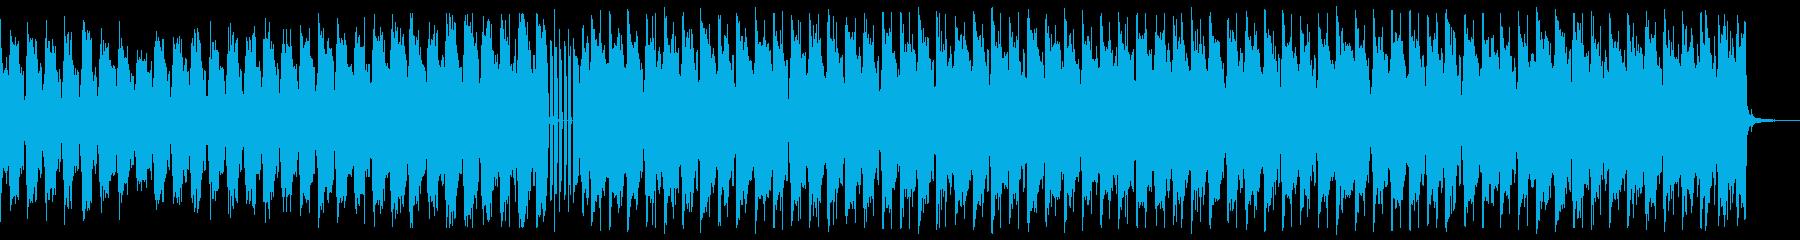 キラキラしたエレクトロ_No645_3の再生済みの波形